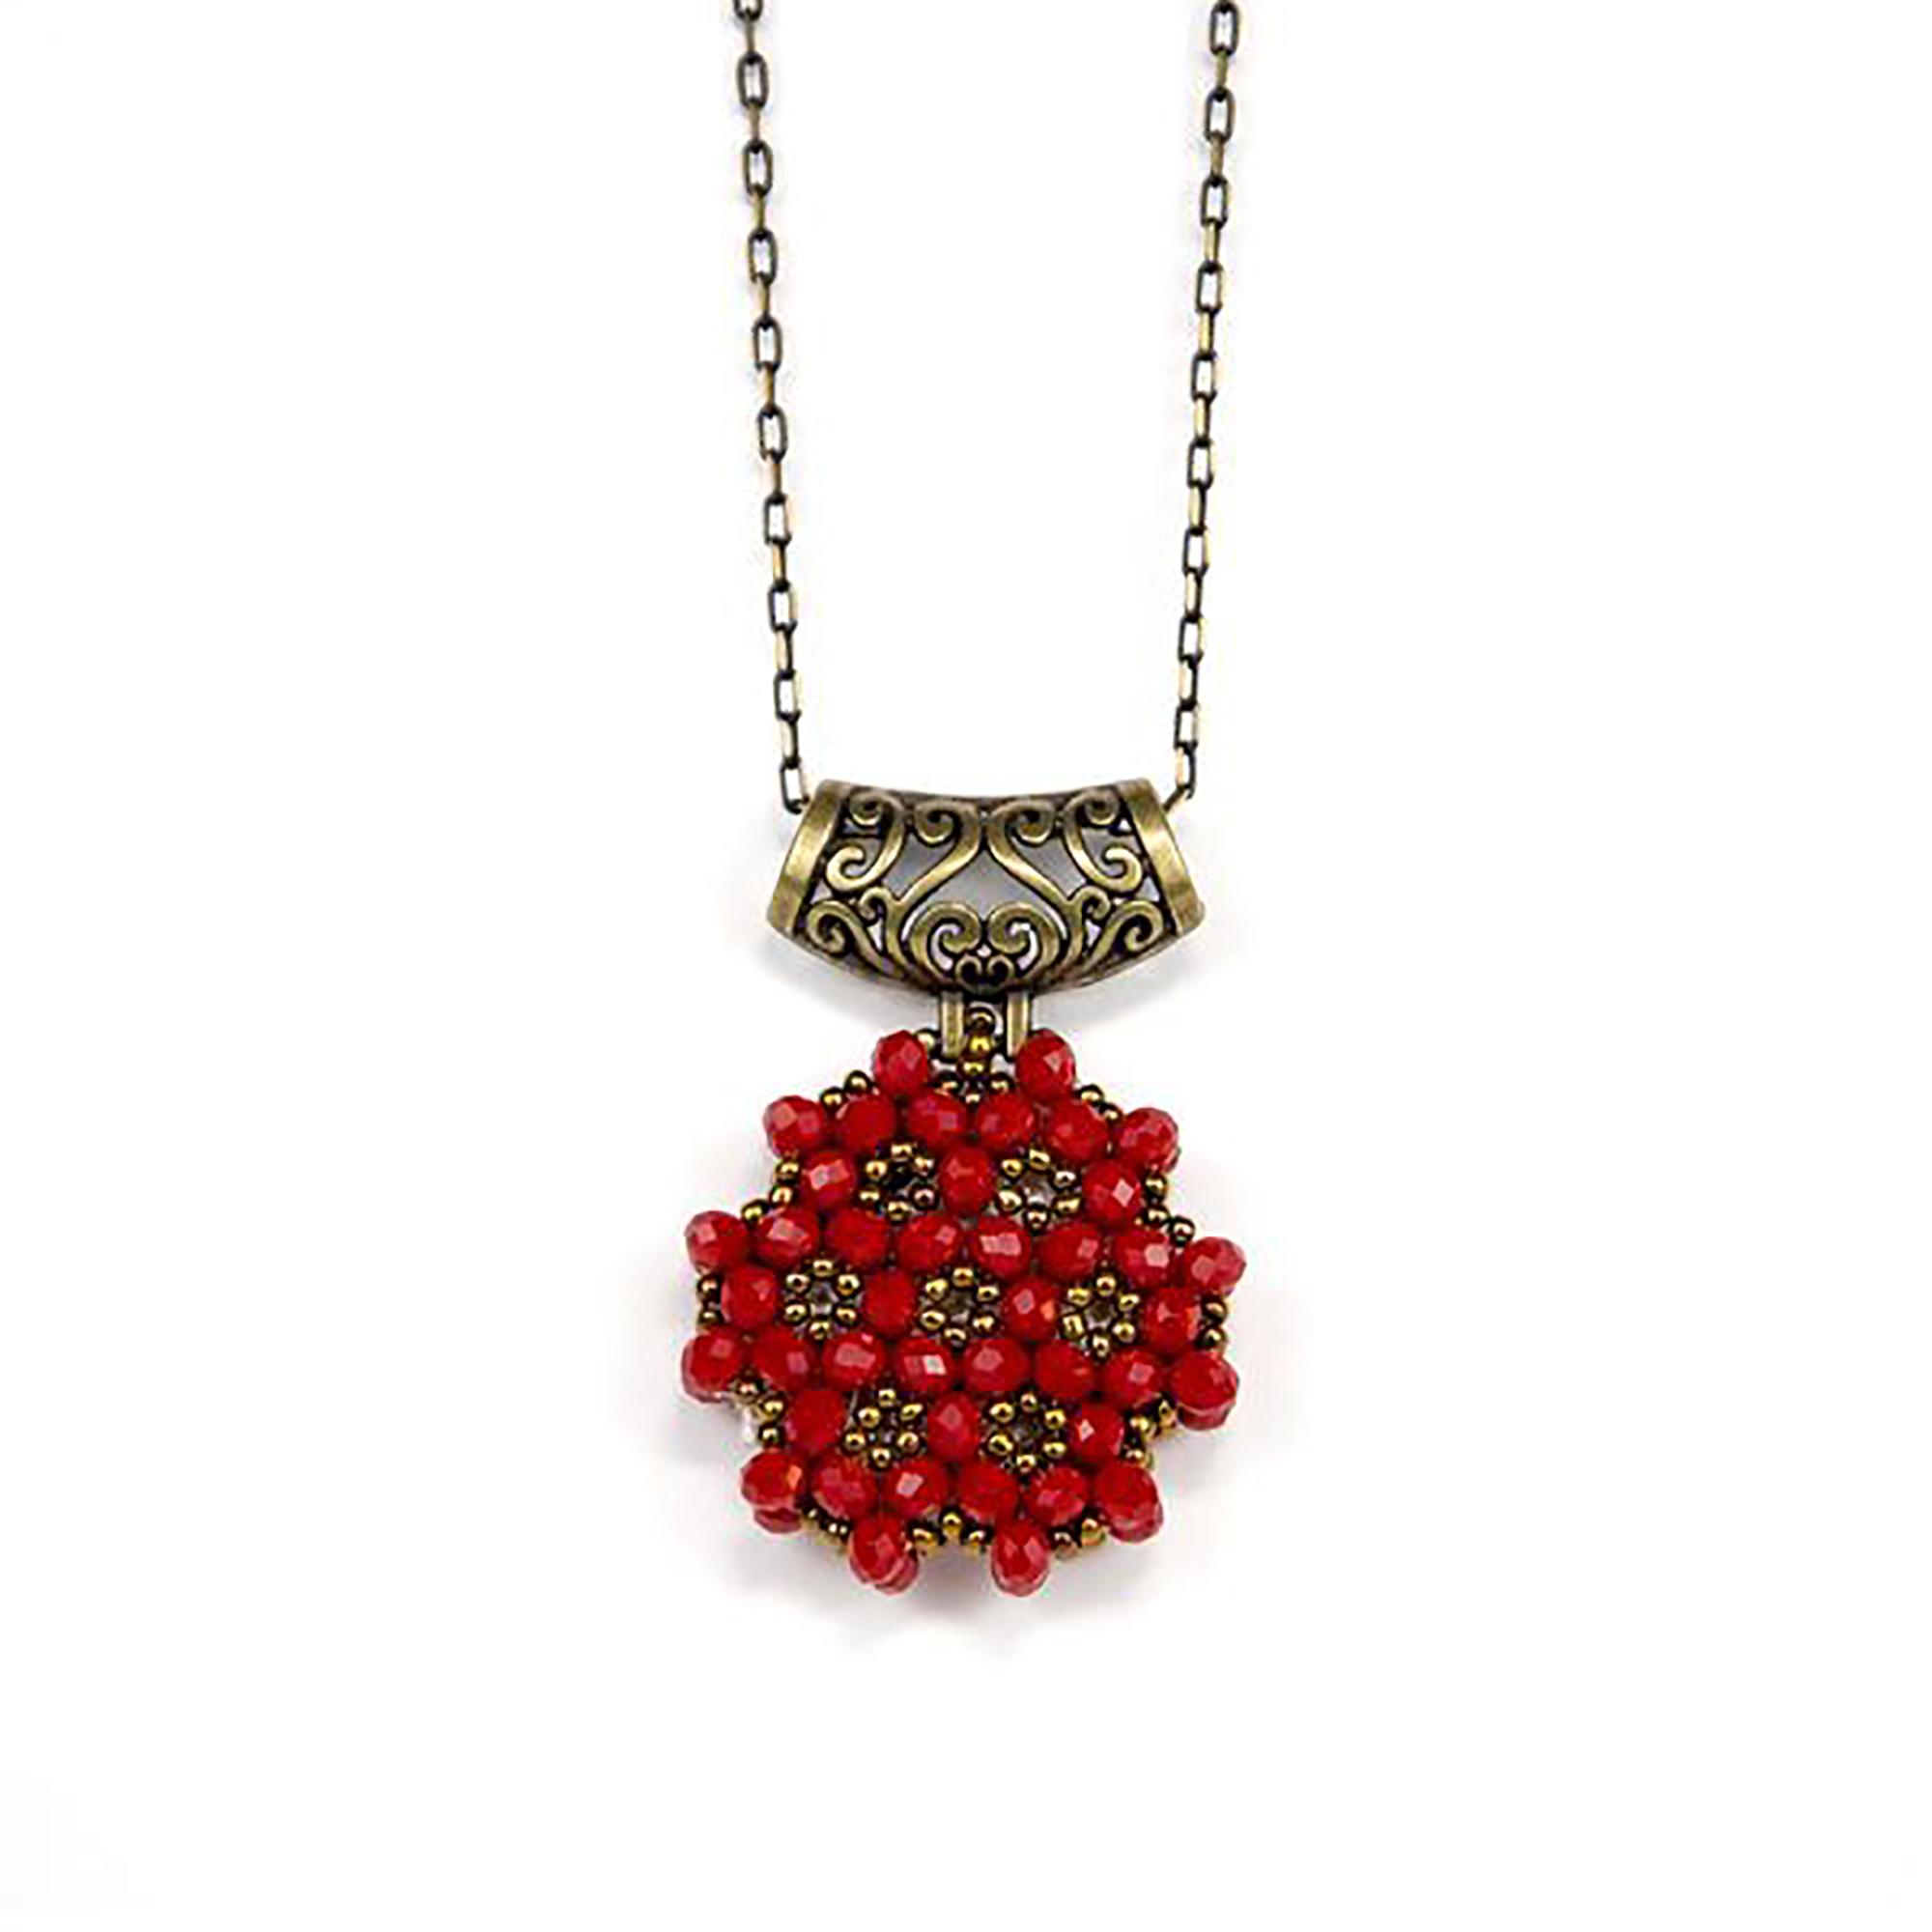 Perlenkette Cevsen (Rund - Rot)